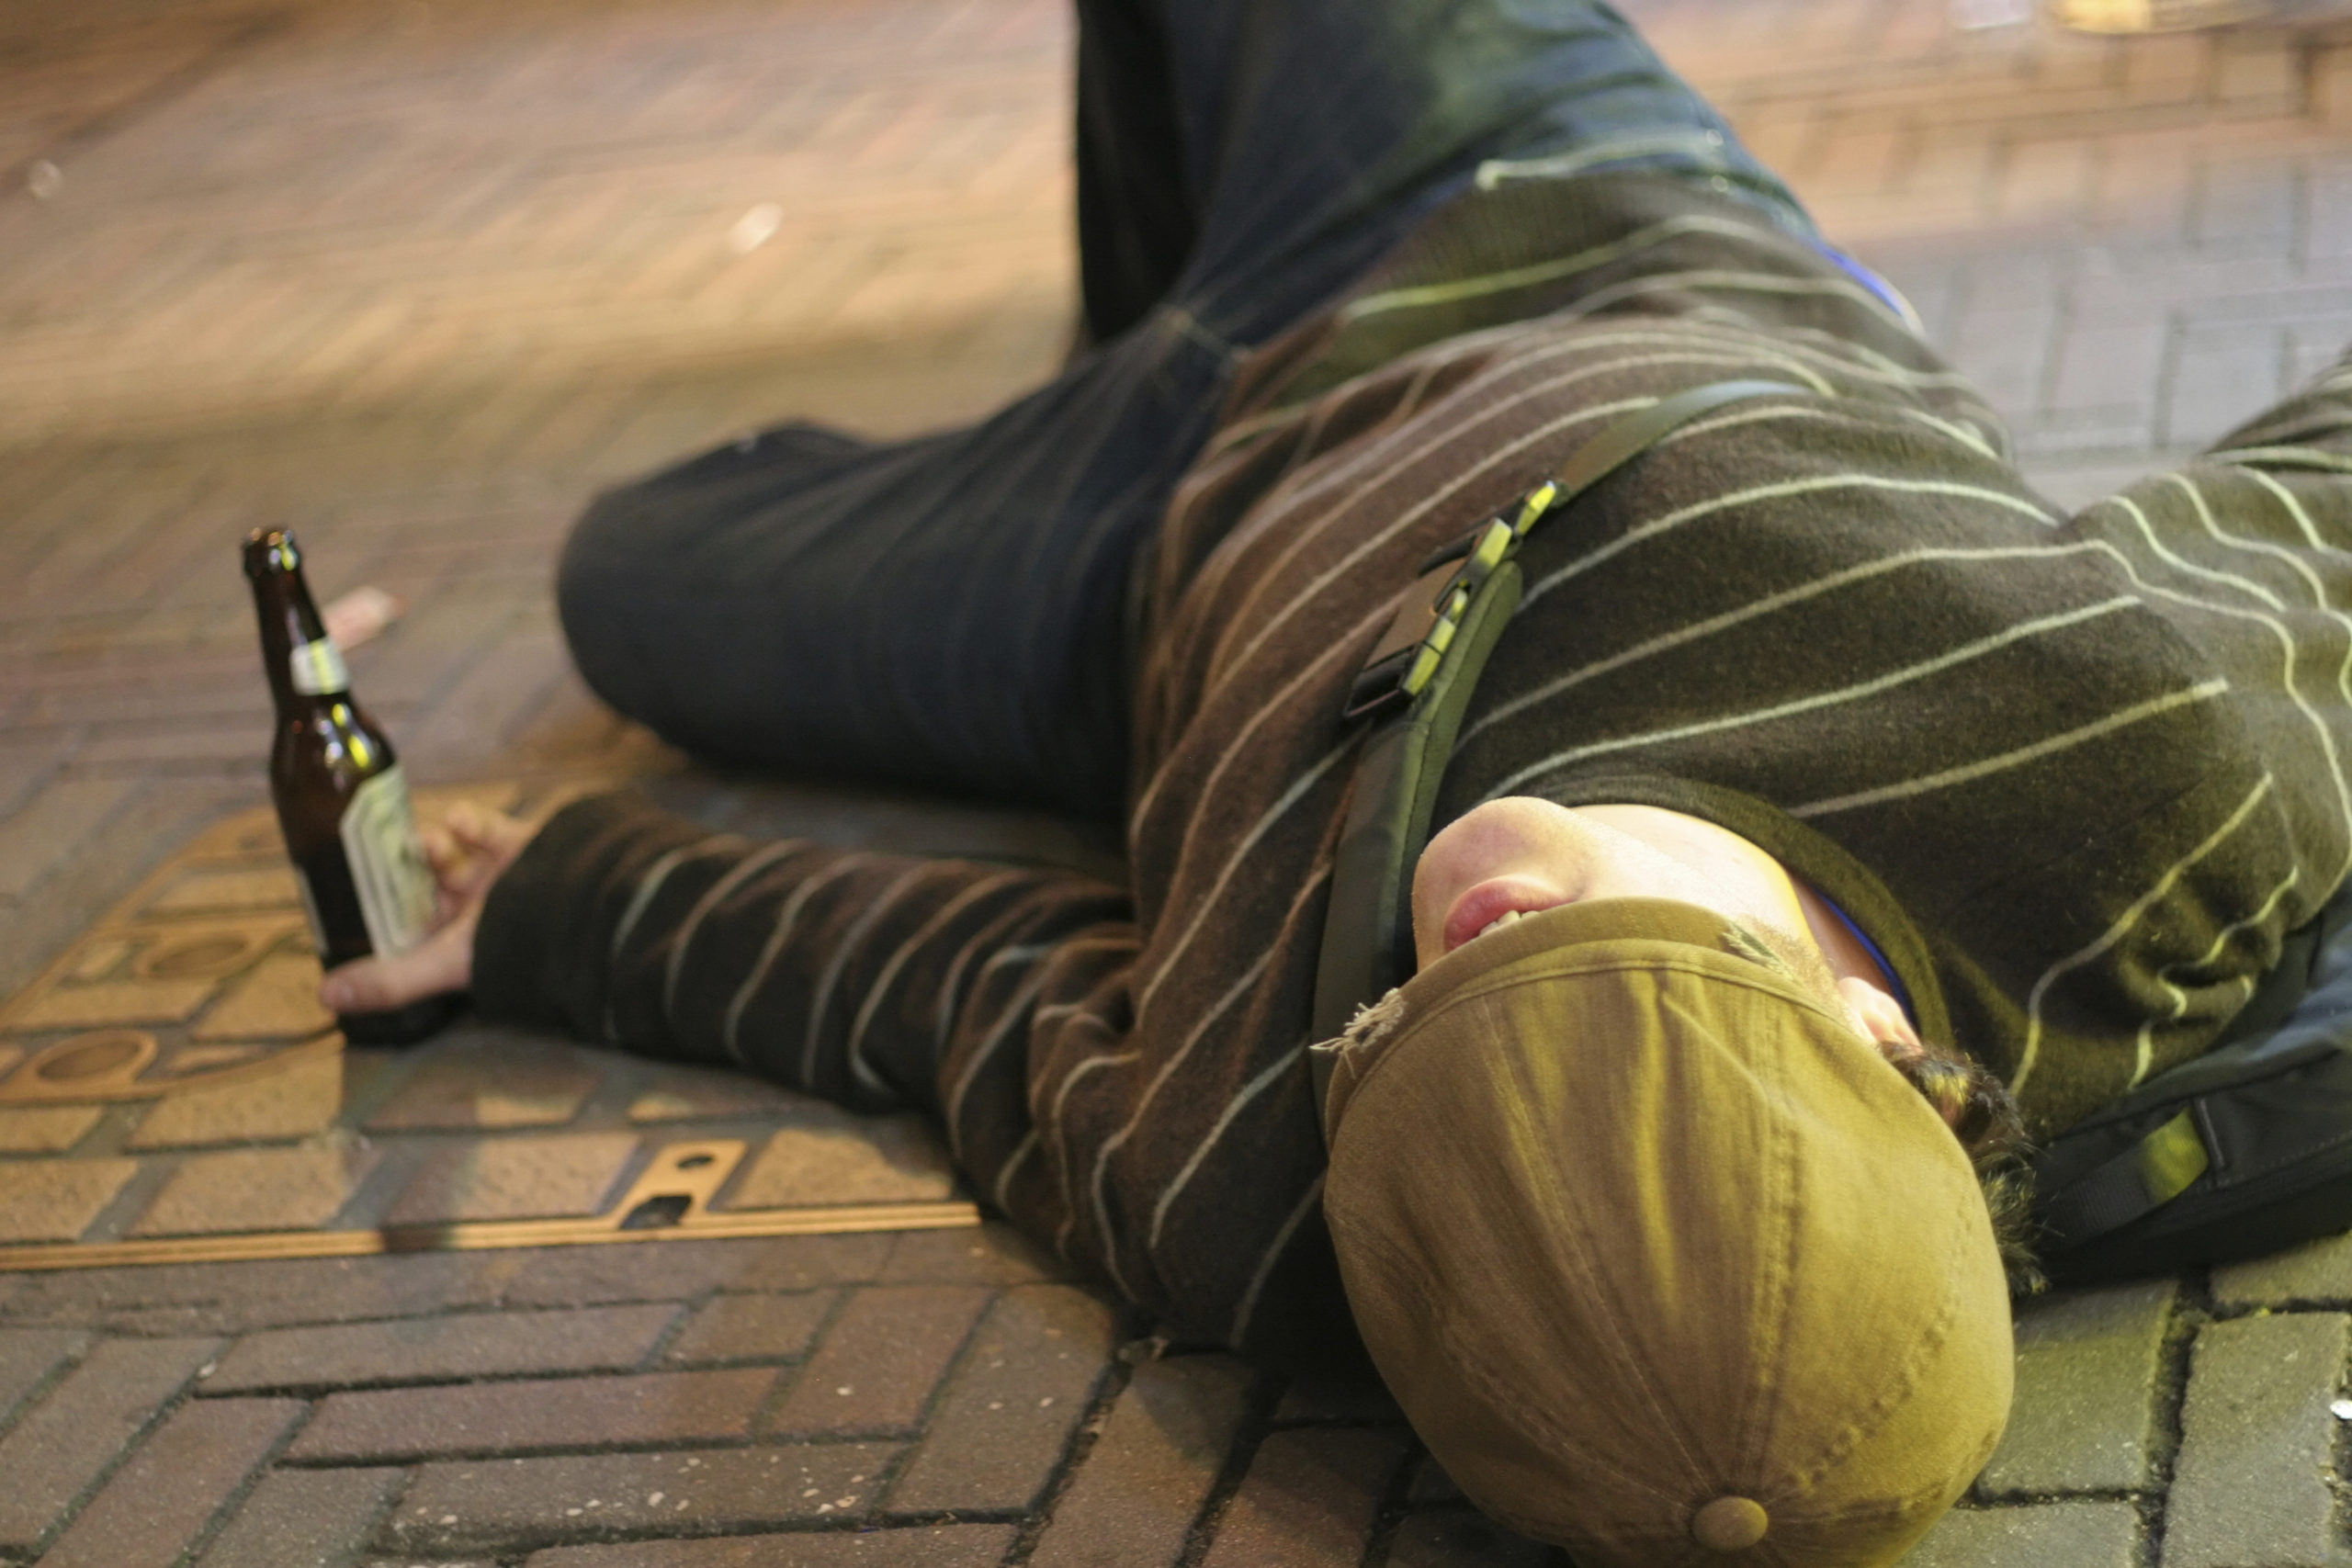 Almere pakt overlastgevende groep verwarde personen aan